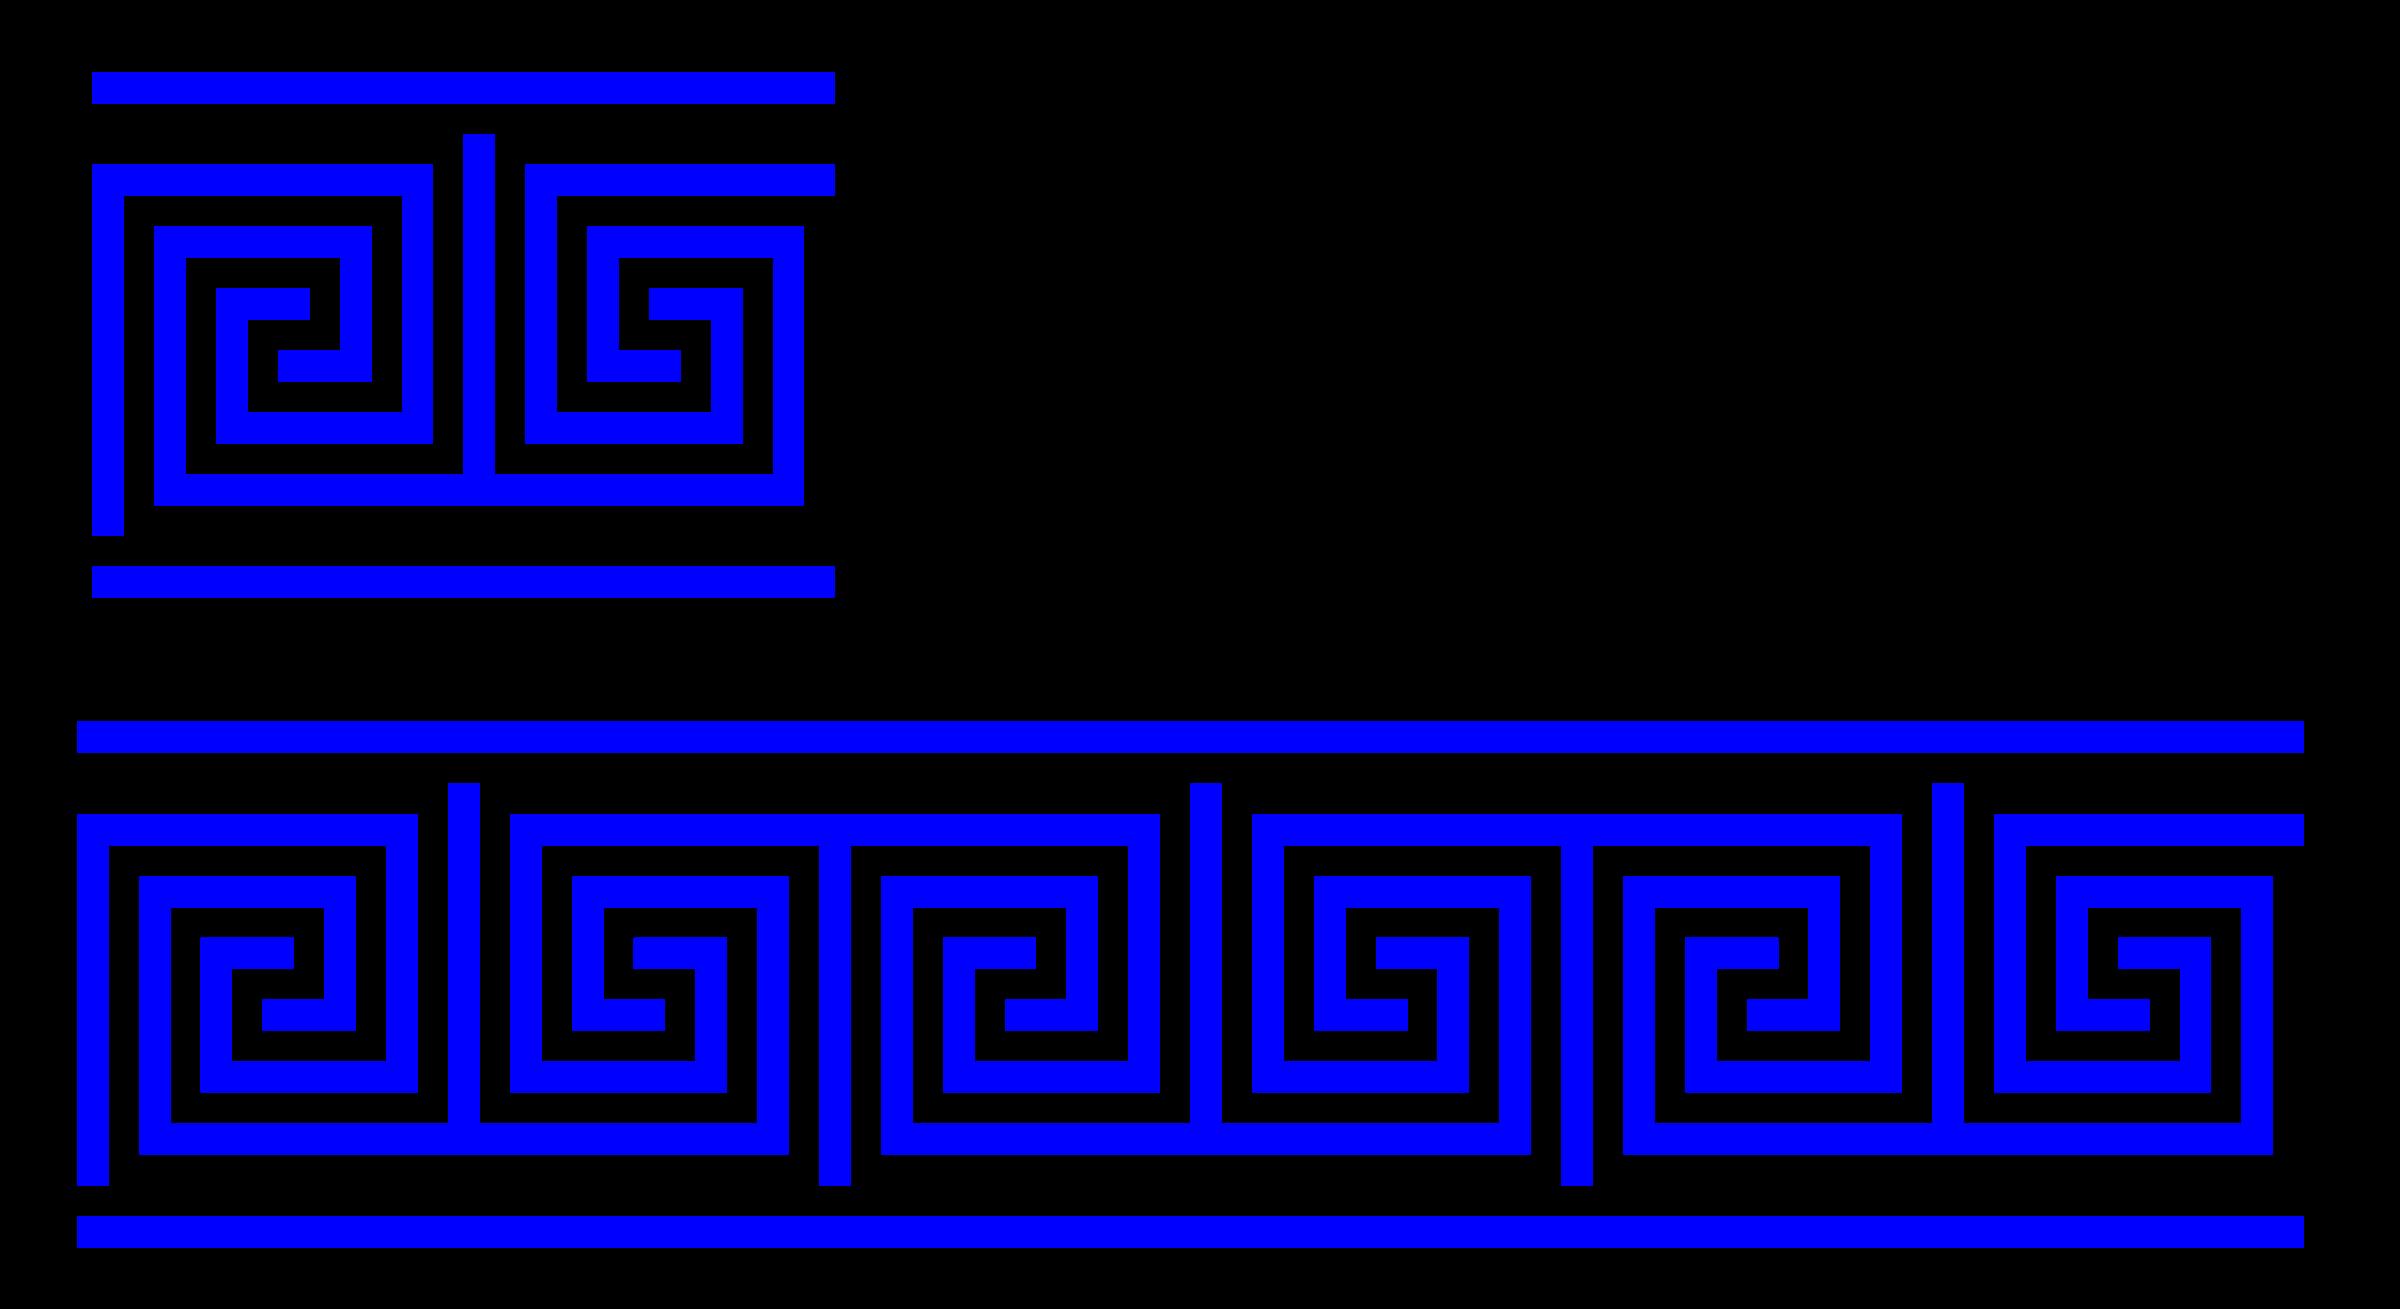 Clipart key key shape. Greek t turns meander